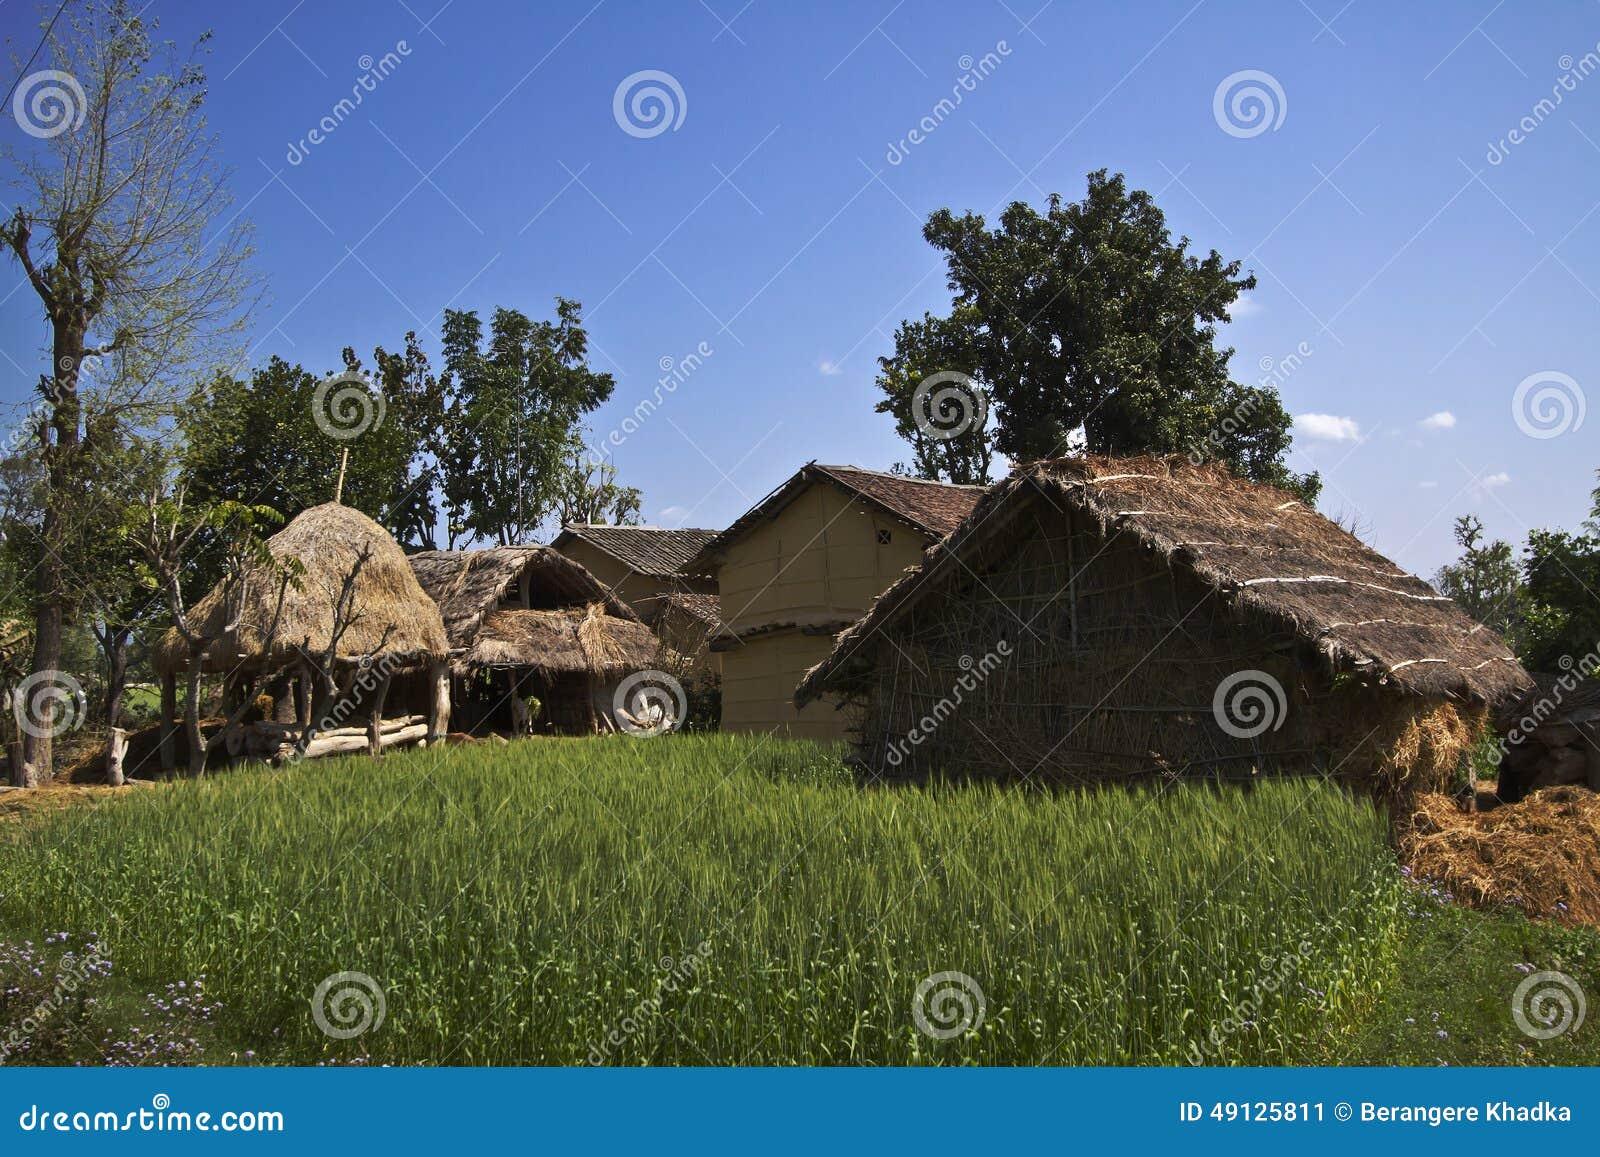 Case tradizionali di taru in terai nepal immagine stock for Case tradizionali